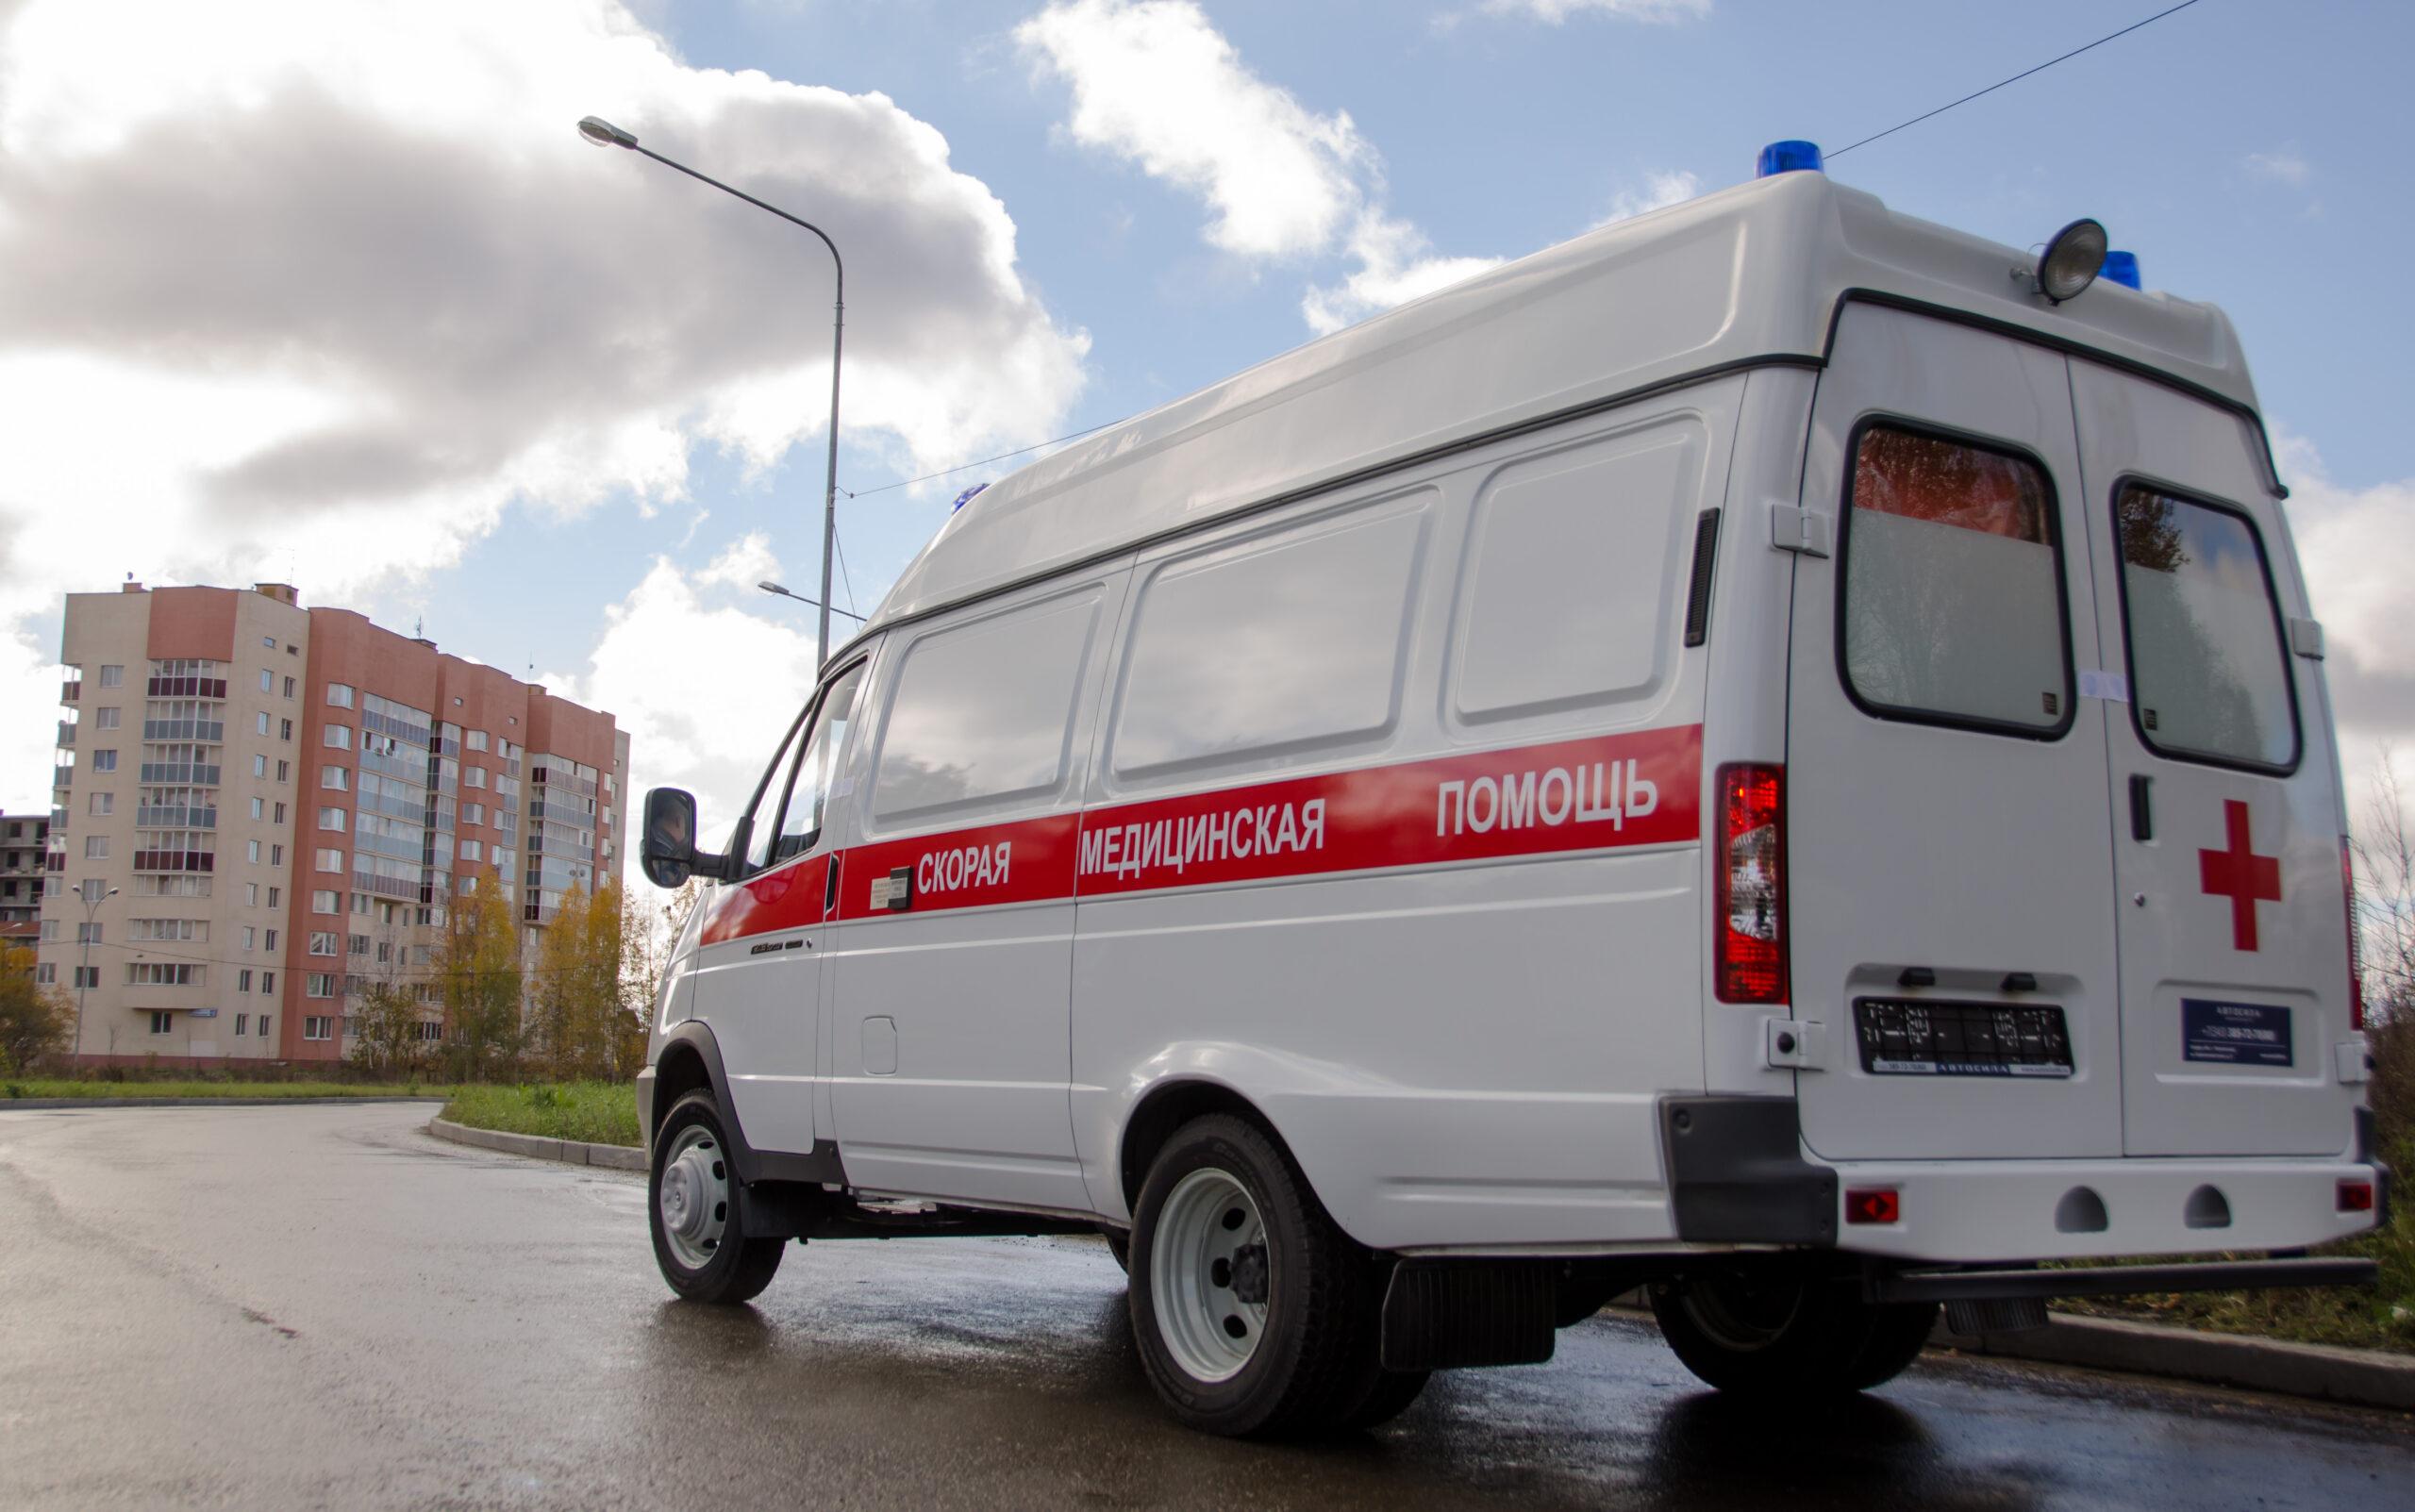 Для врачей станции скорой помощи в Саратове планируют построить квартиры